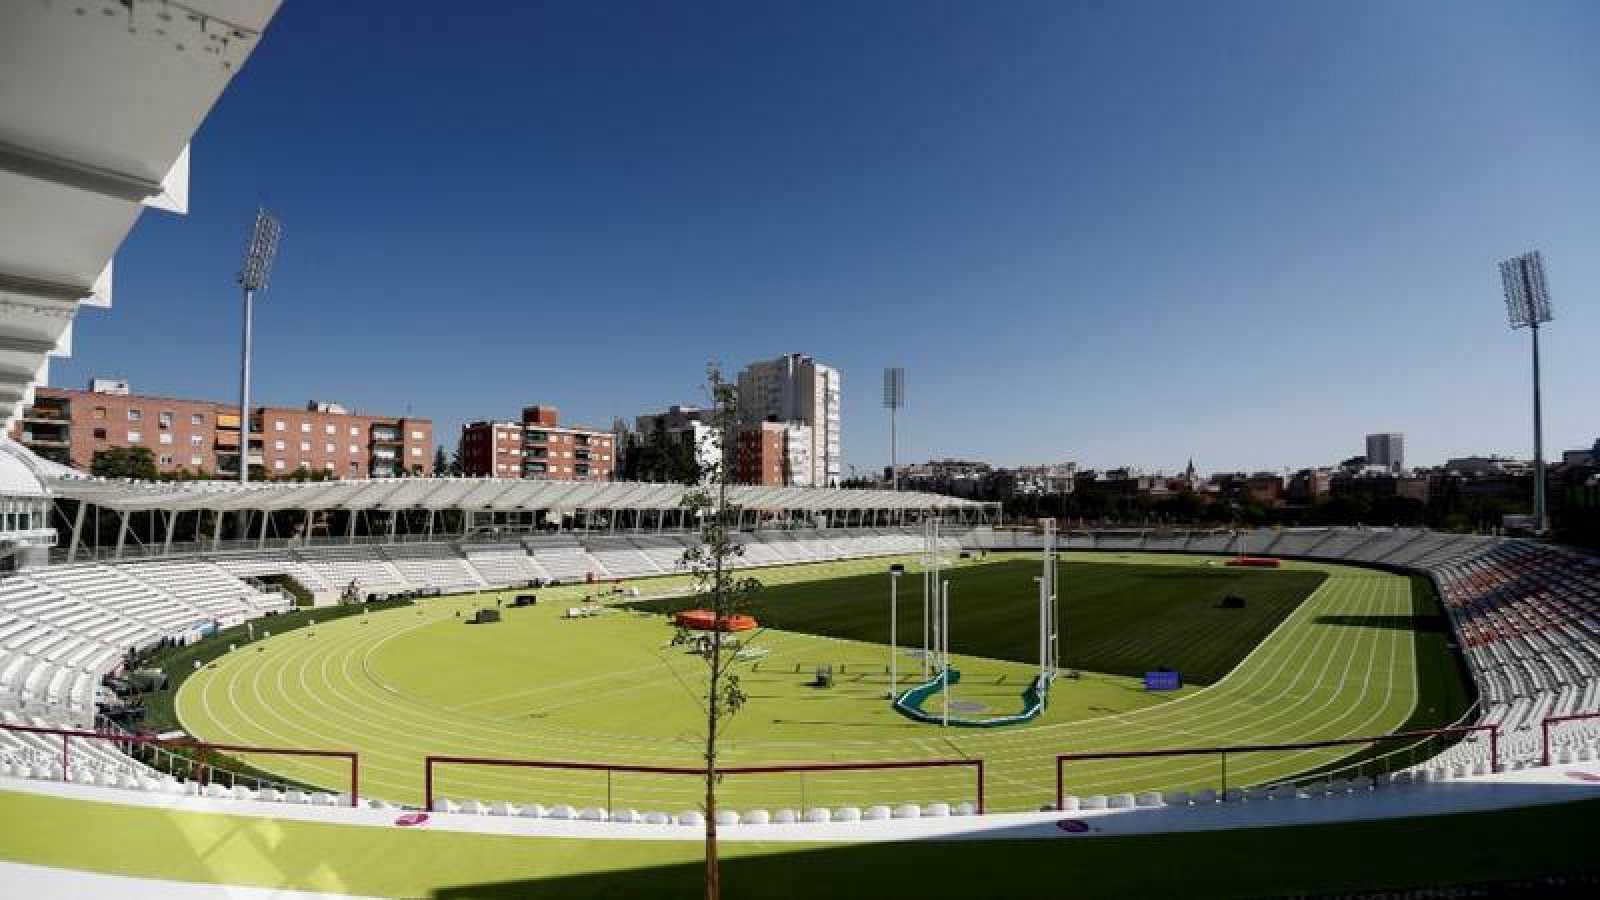 Vista del Estadio Vallehermoso en Madrid.